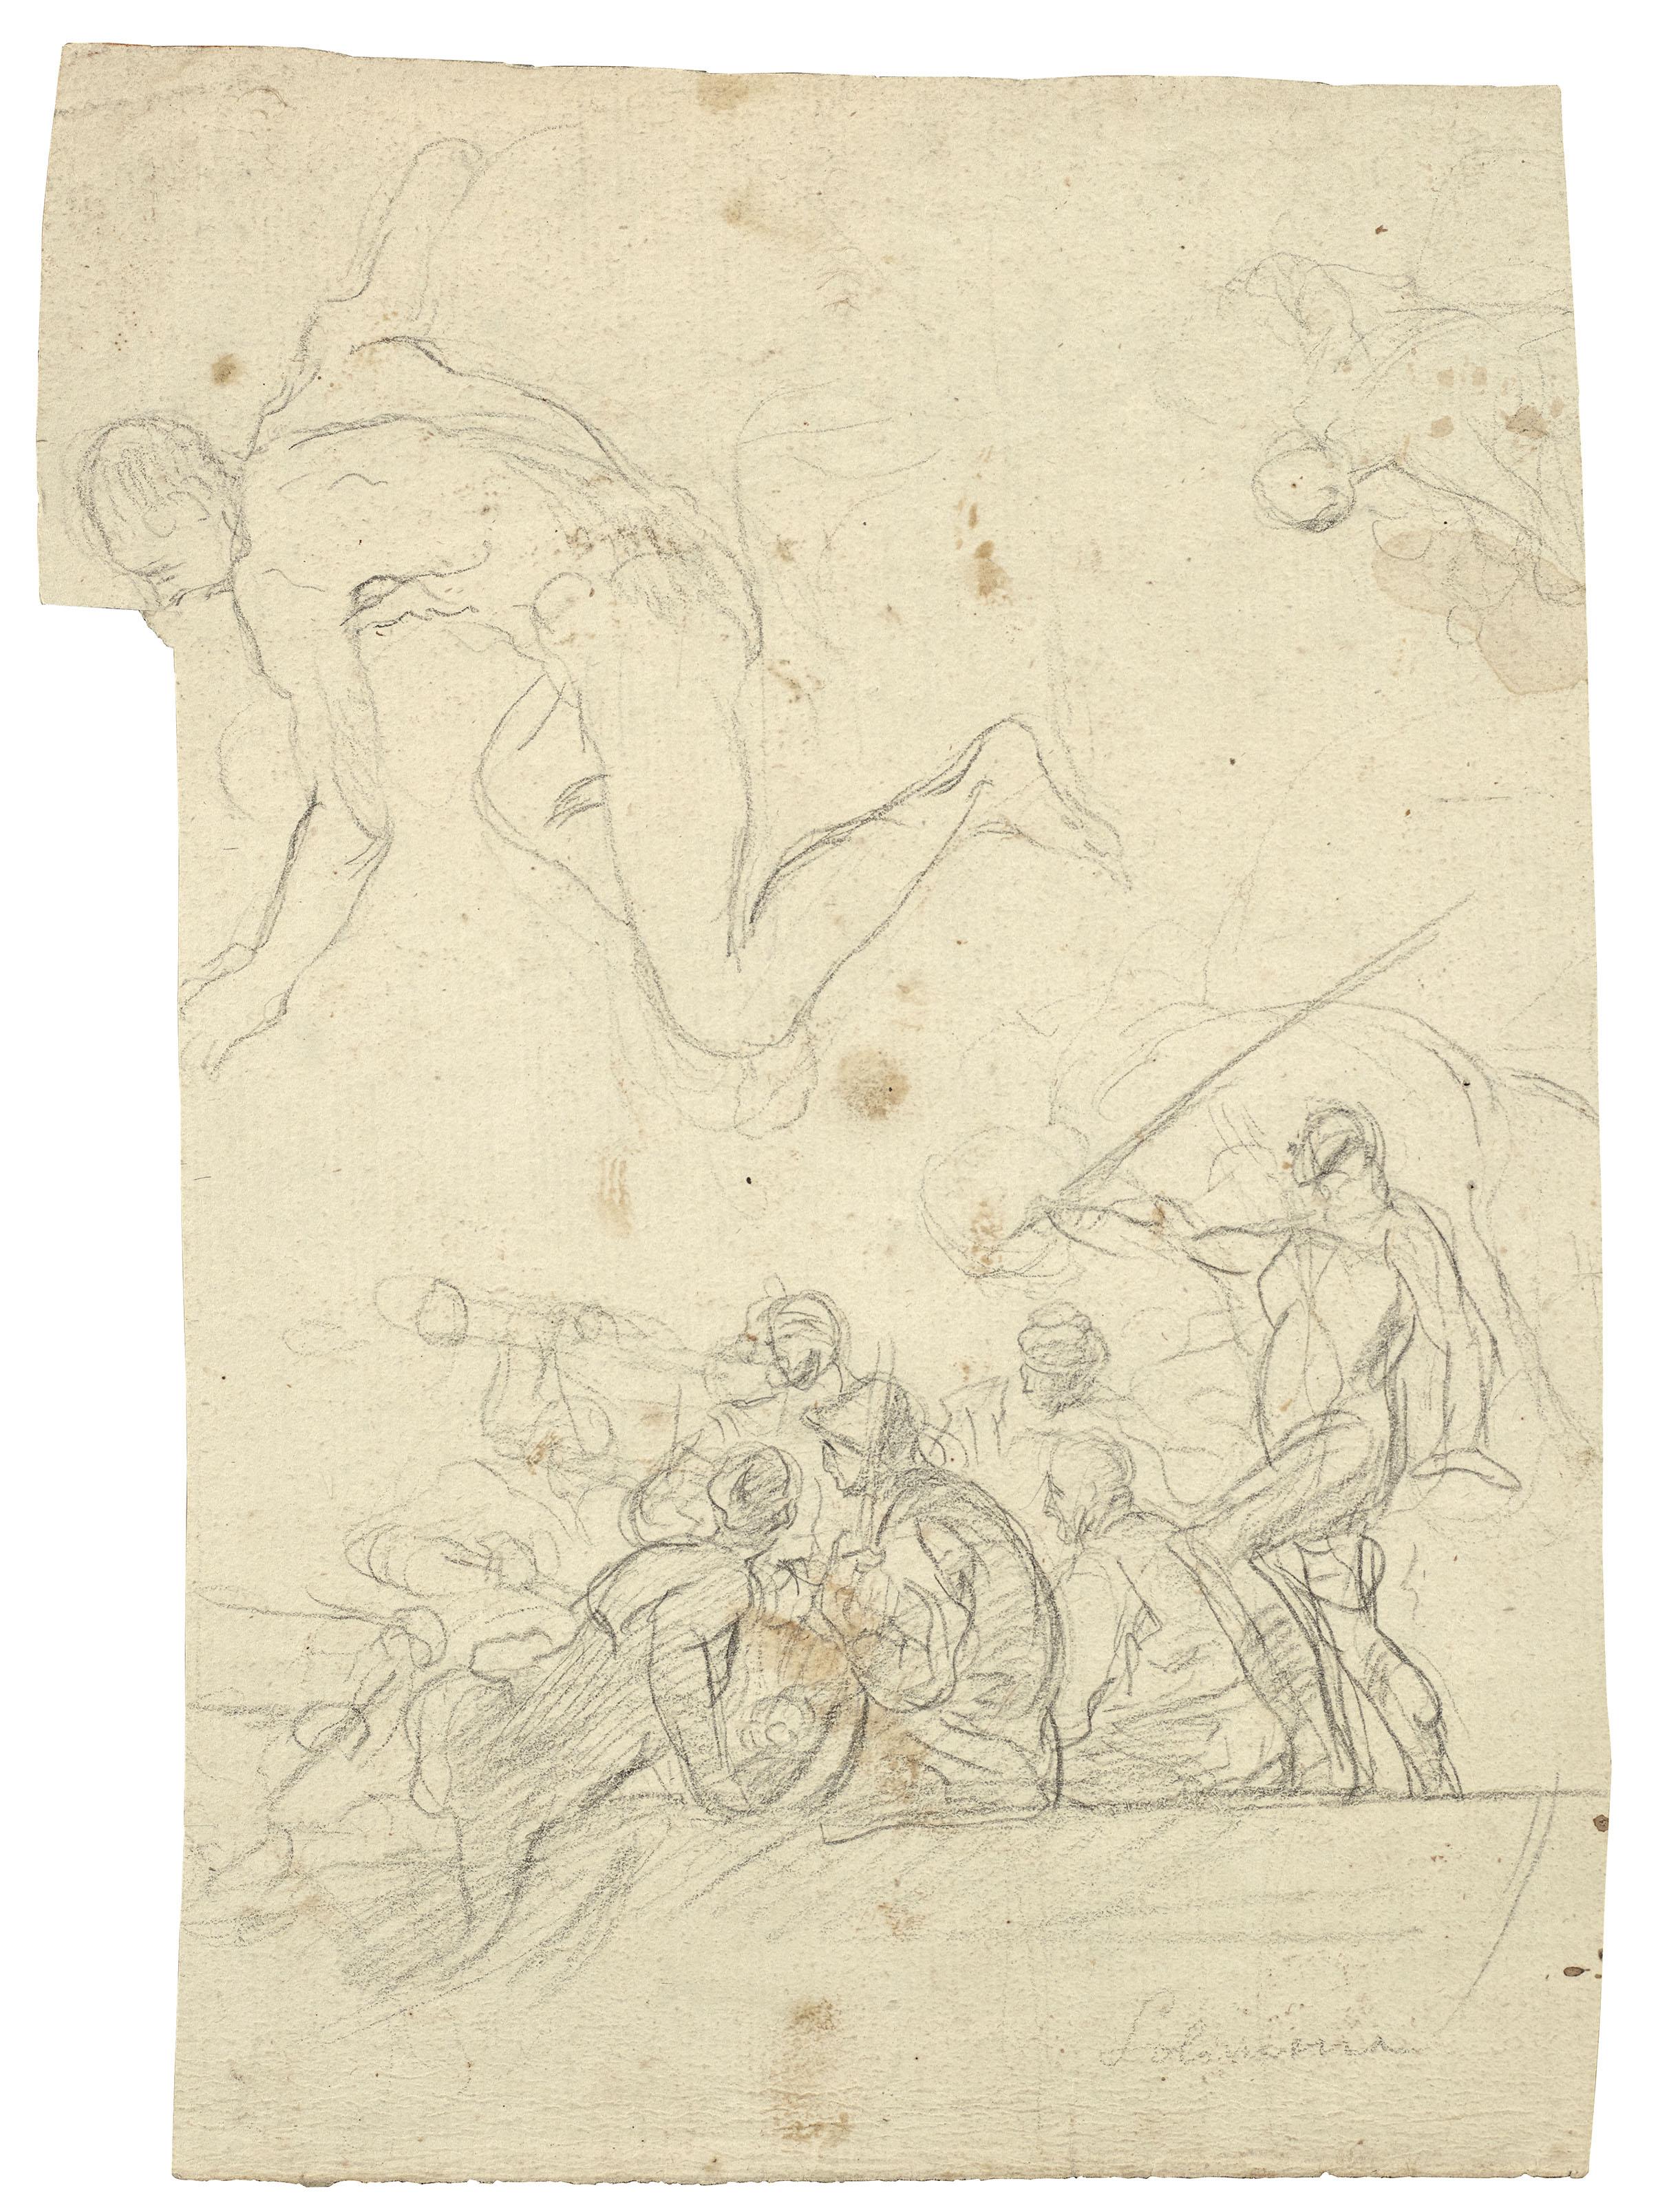 FRANCESCO SOLIMENA (CANALE DI SERINO 1657-1747 BARRA DI NAPOLI)